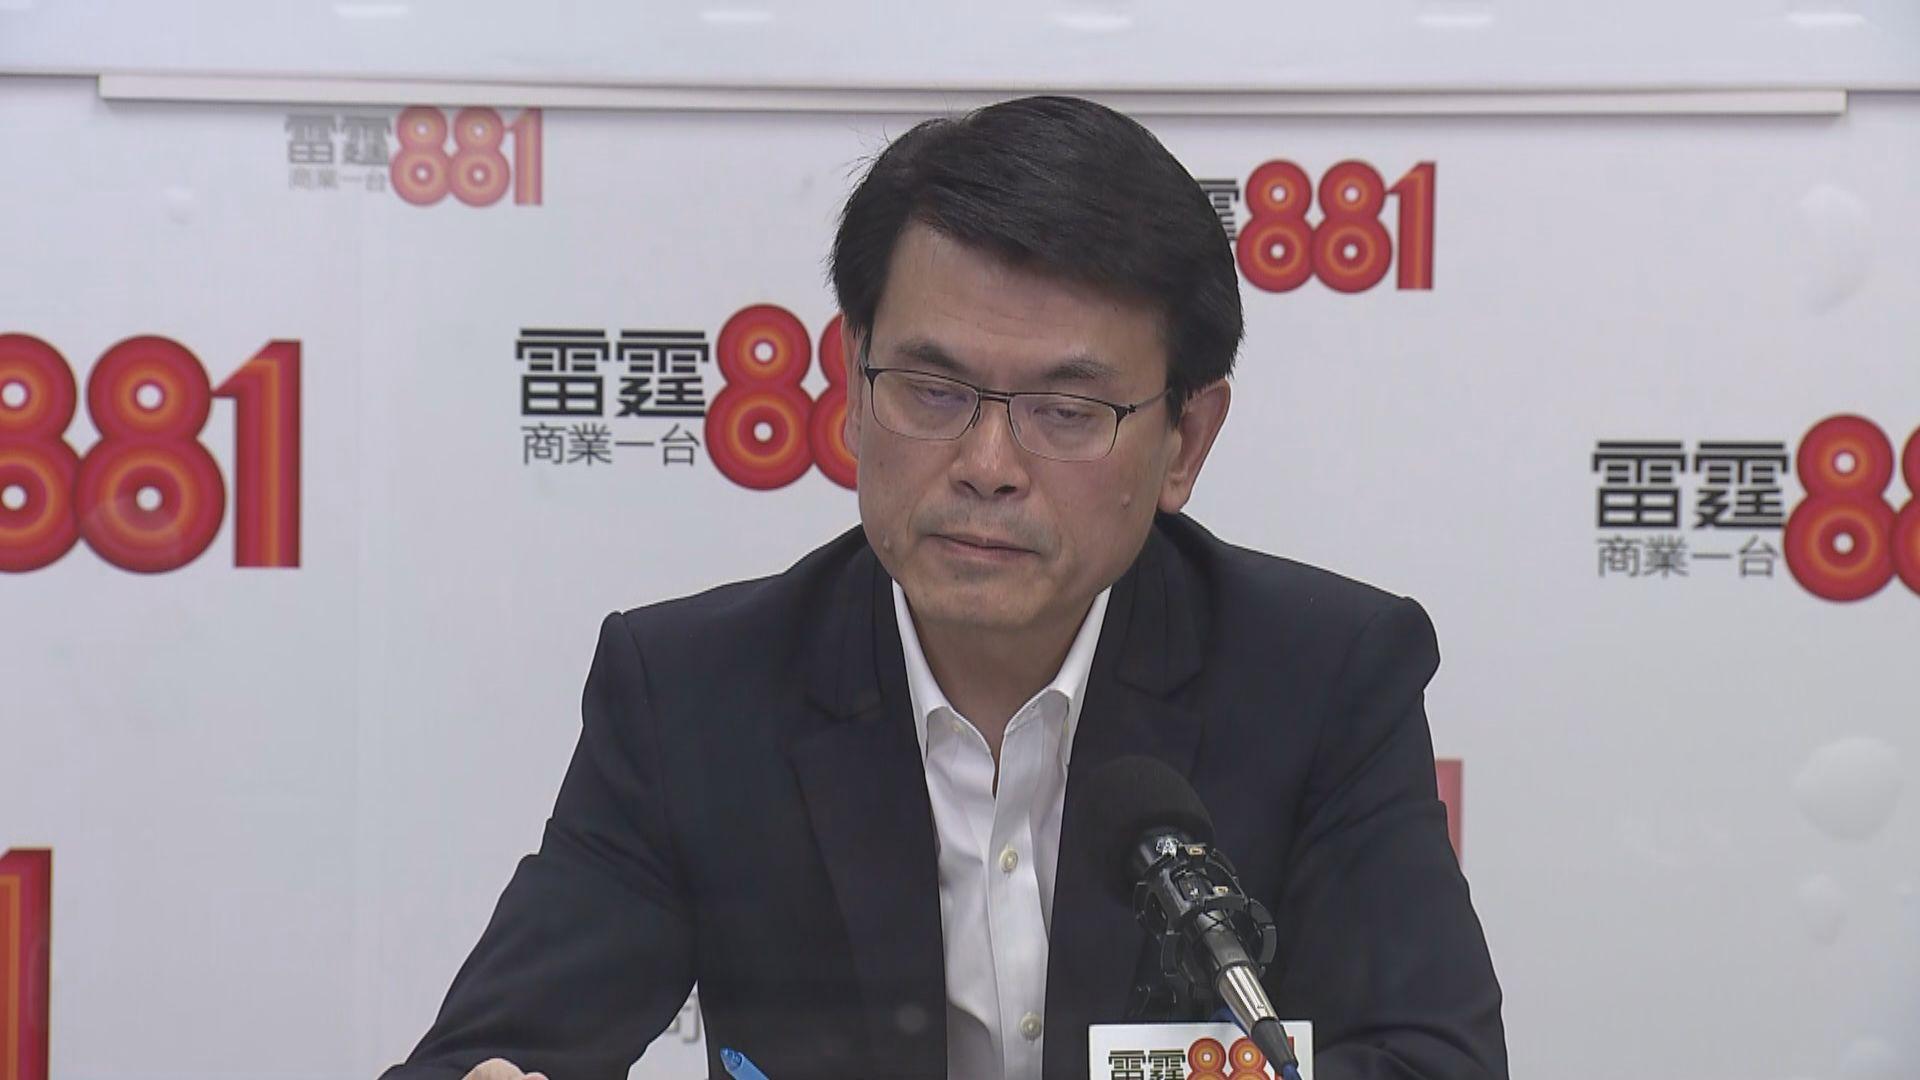 邱騰華:各方堅持己見 香港難走出困境